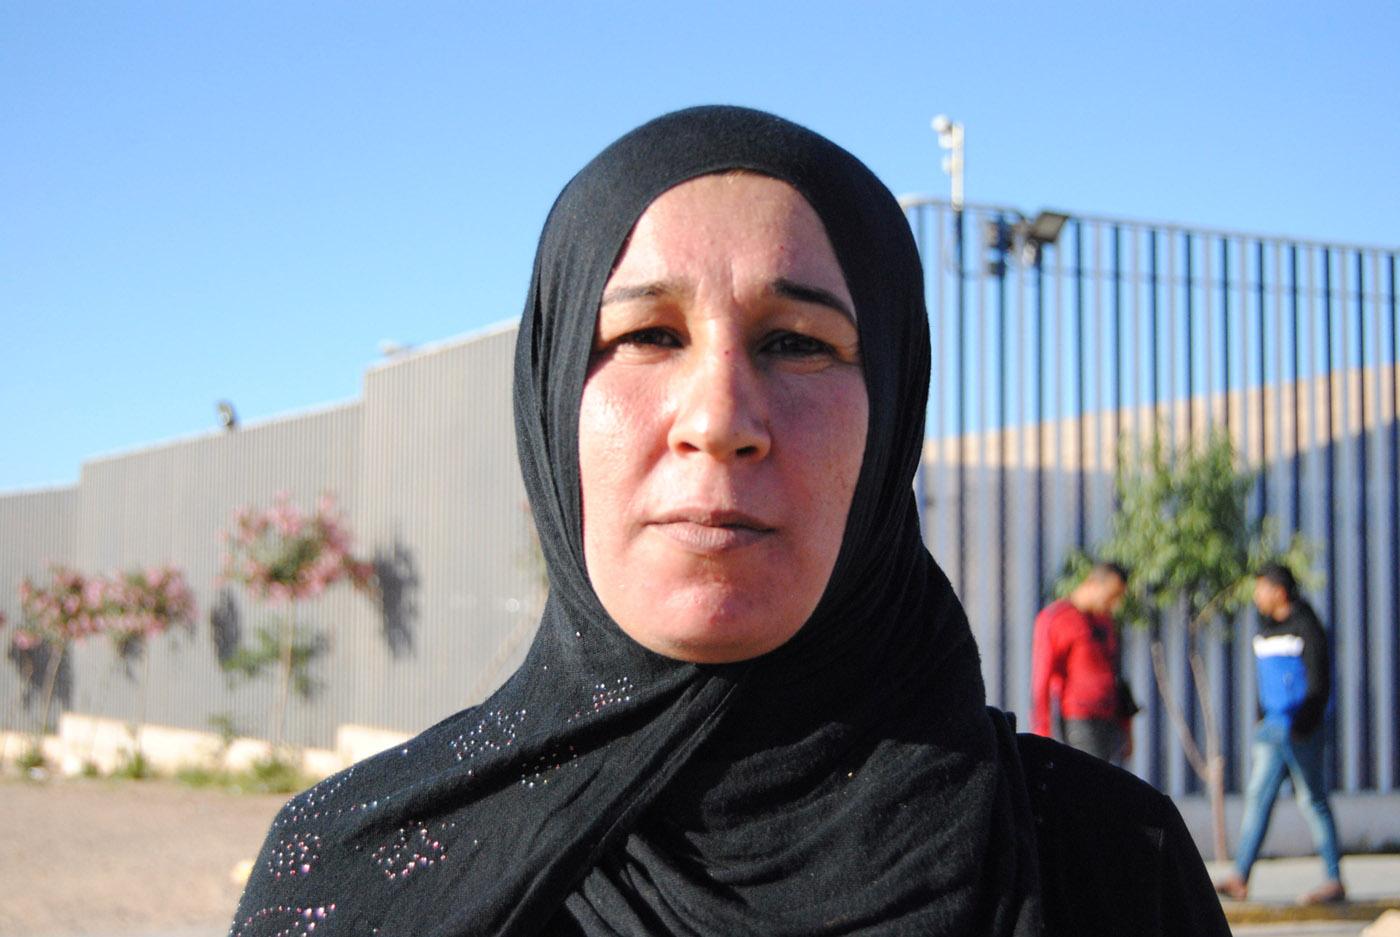 Hania dejó atrás la guerra de Siria junto a su marido y sus hijos. Se hizo pasar por porteadora para acceder a Melilla y poder solicitar asilo